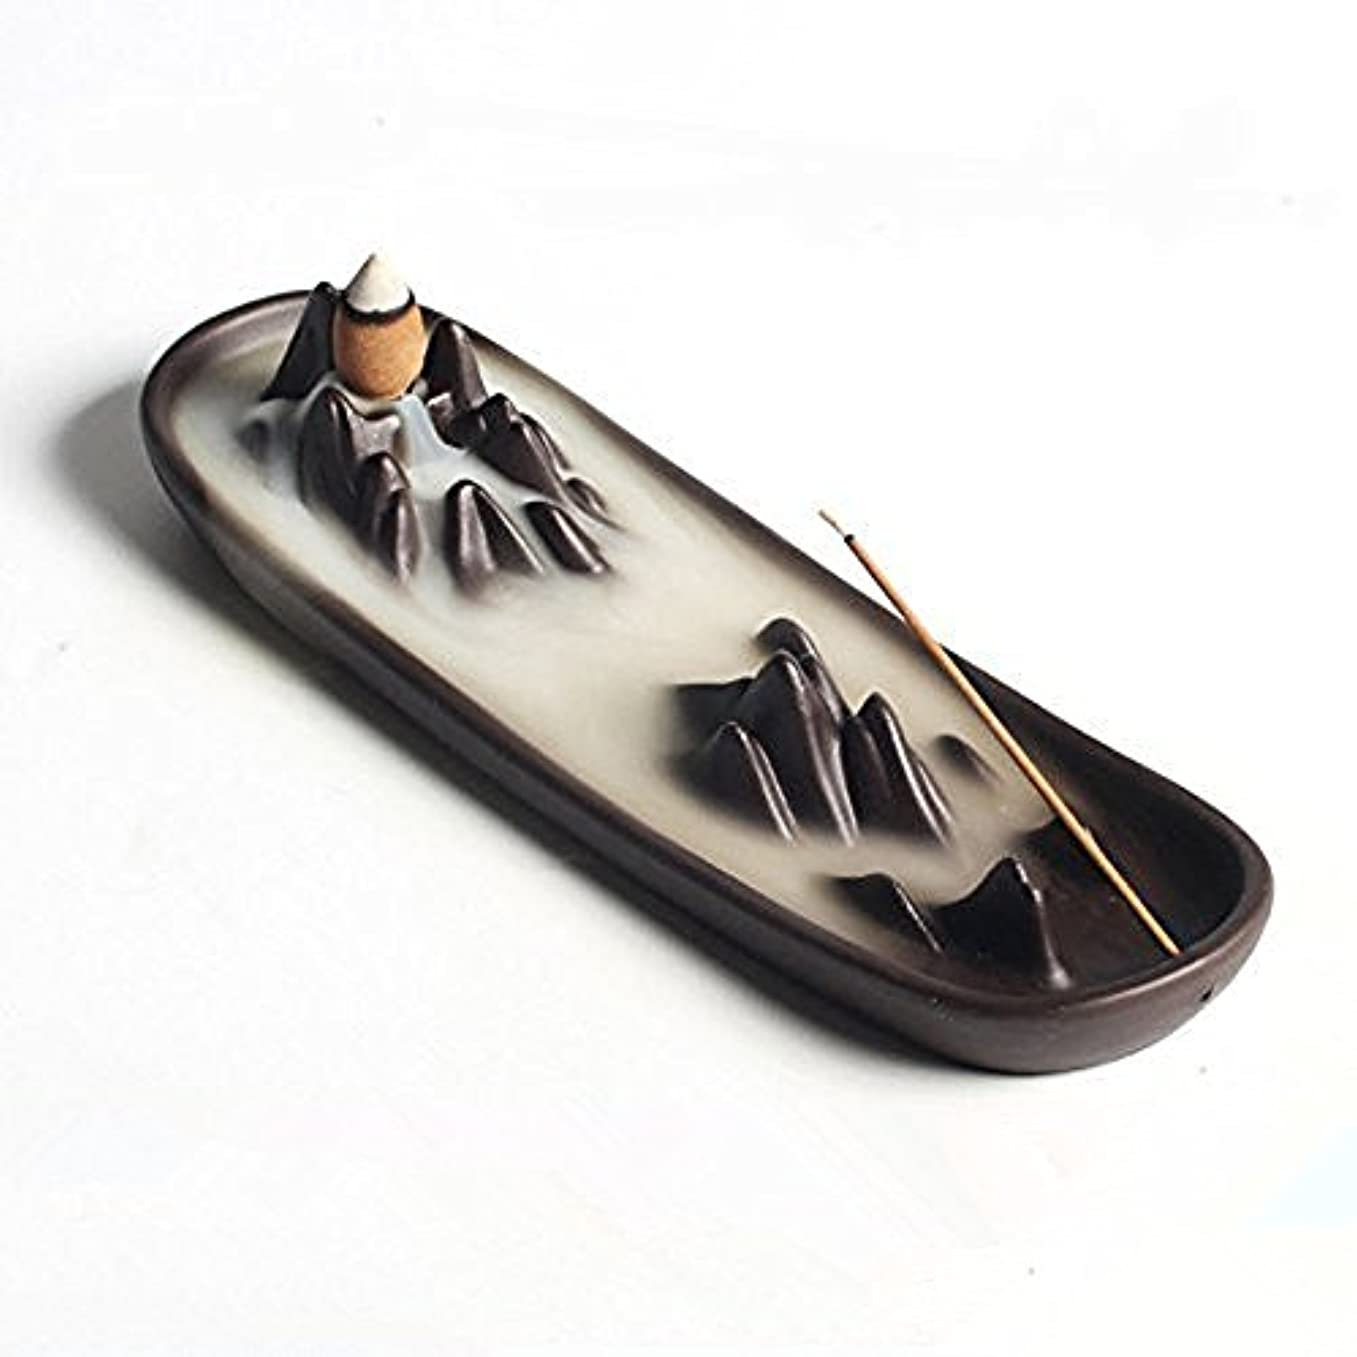 摘む内なるファイナンスCeramic mountain peak Boat Style Multifunction Incense Burner Stick Backflow Incense Holder Clay Incense Ash Catcher...